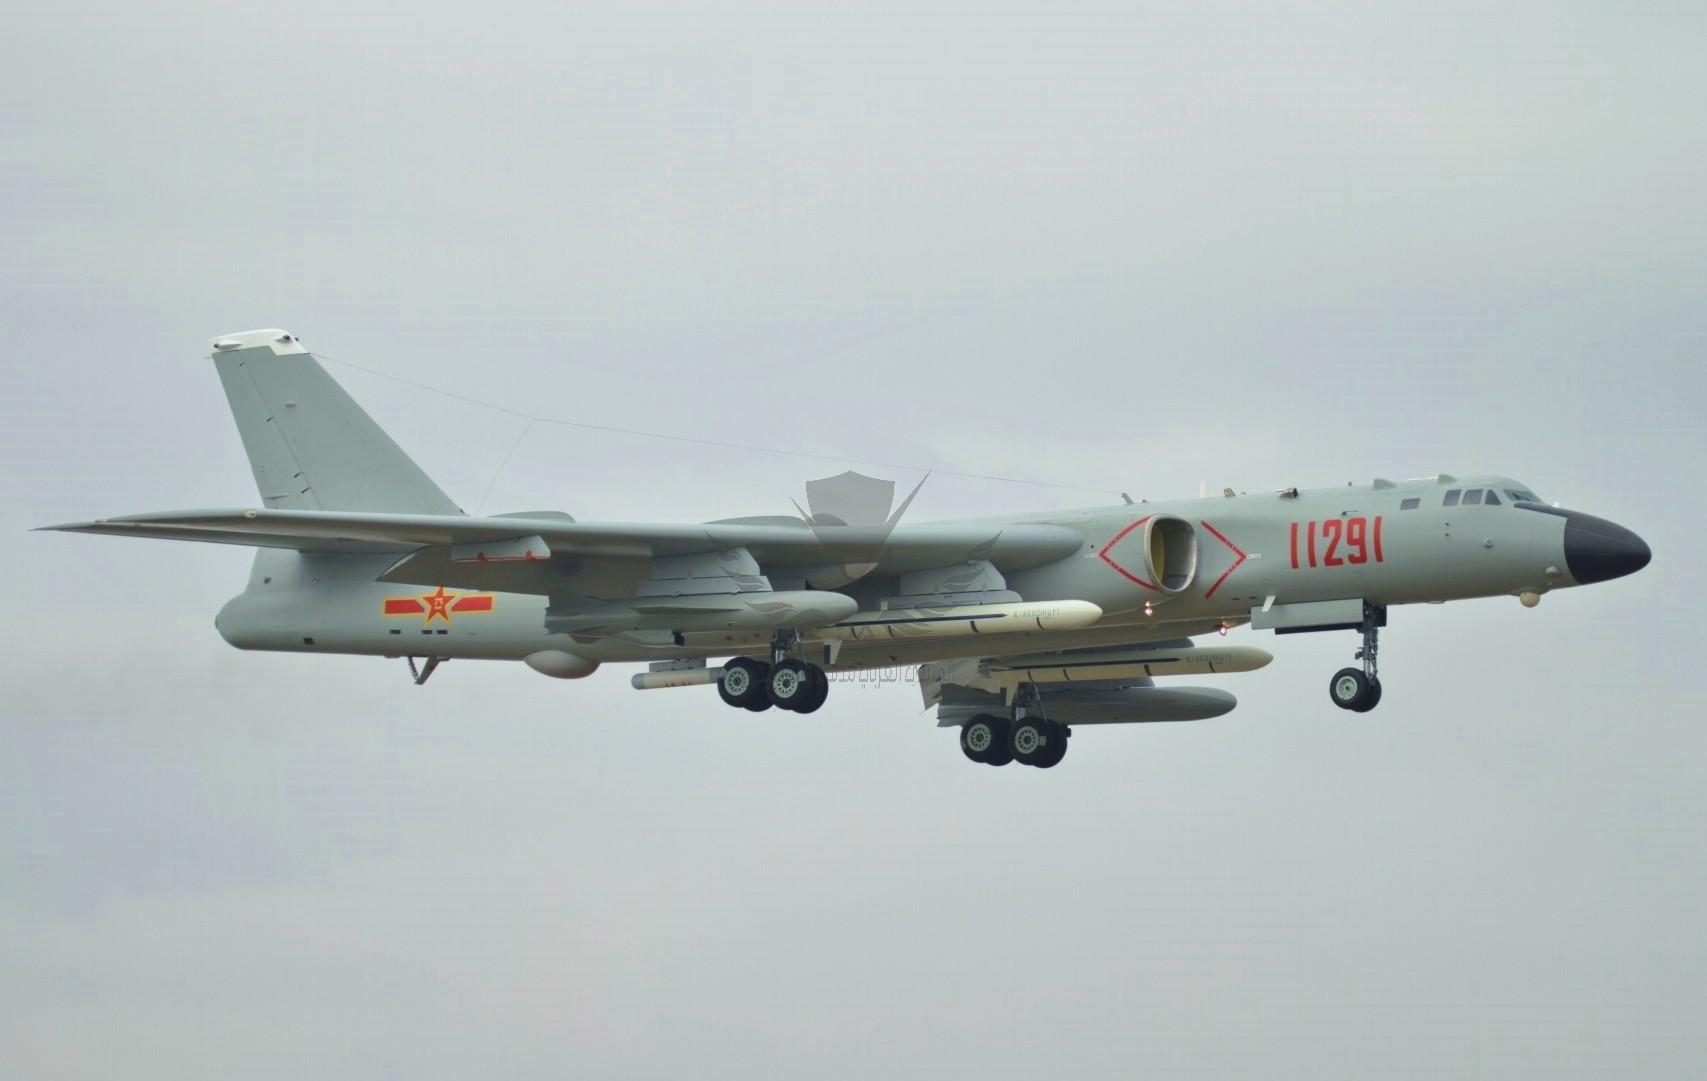 H-6K_landing_(cropped).jpg